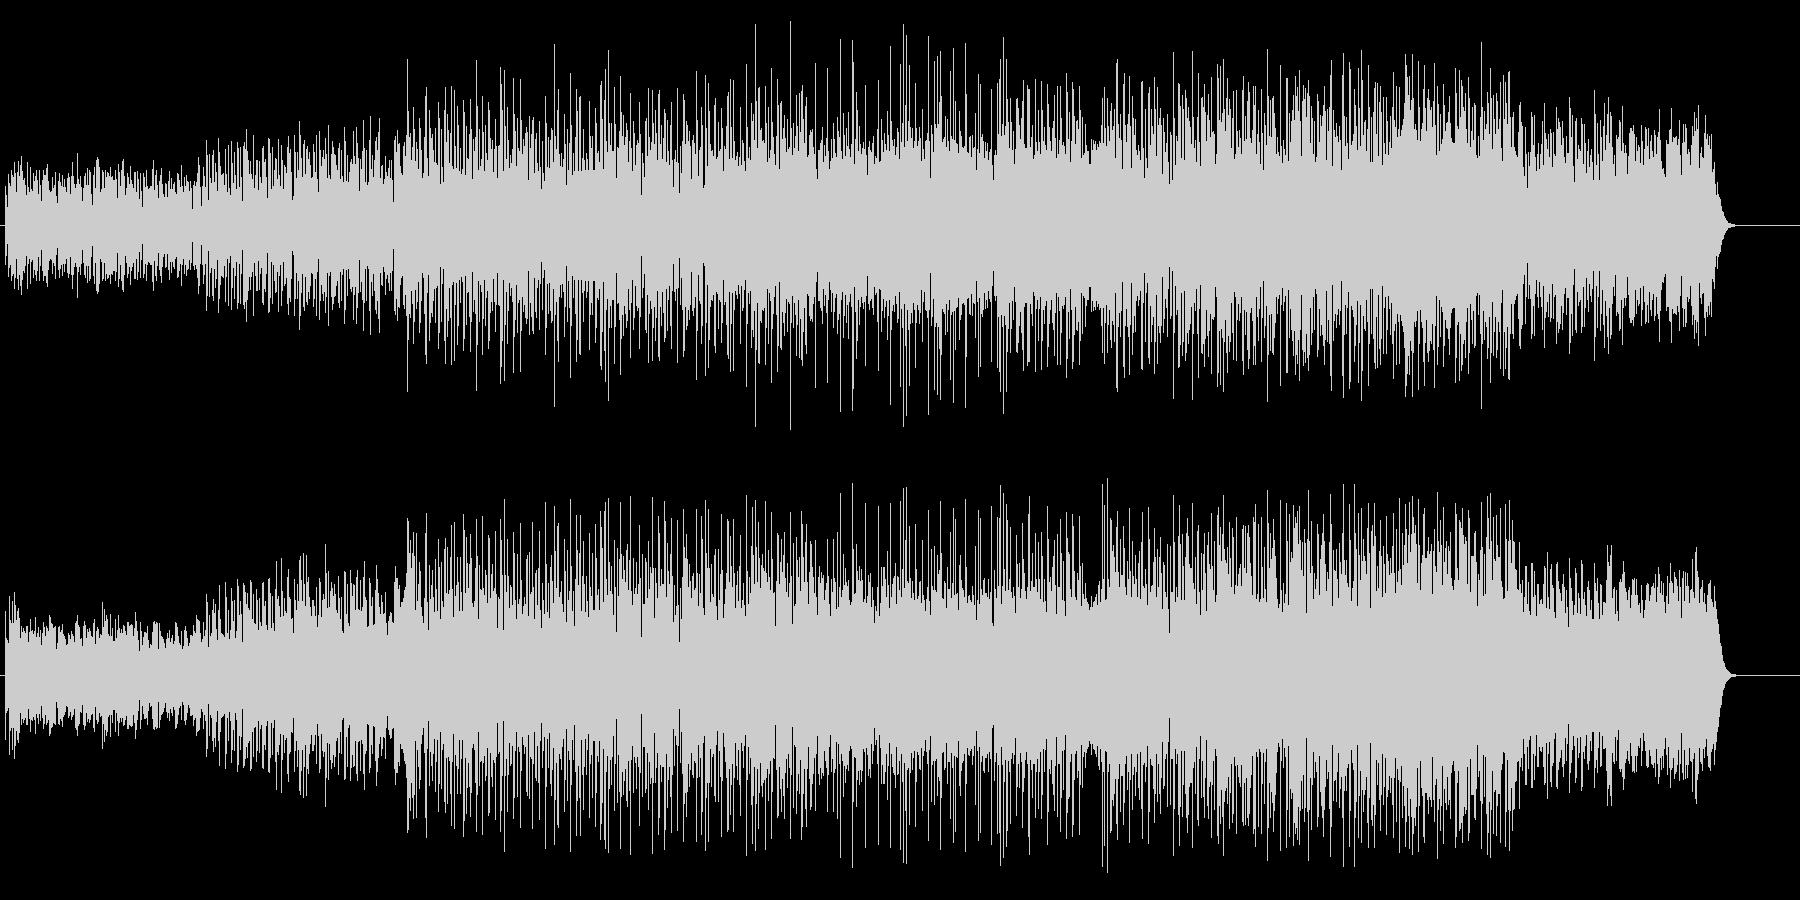 トリップ物、シュールなハウスの未再生の波形